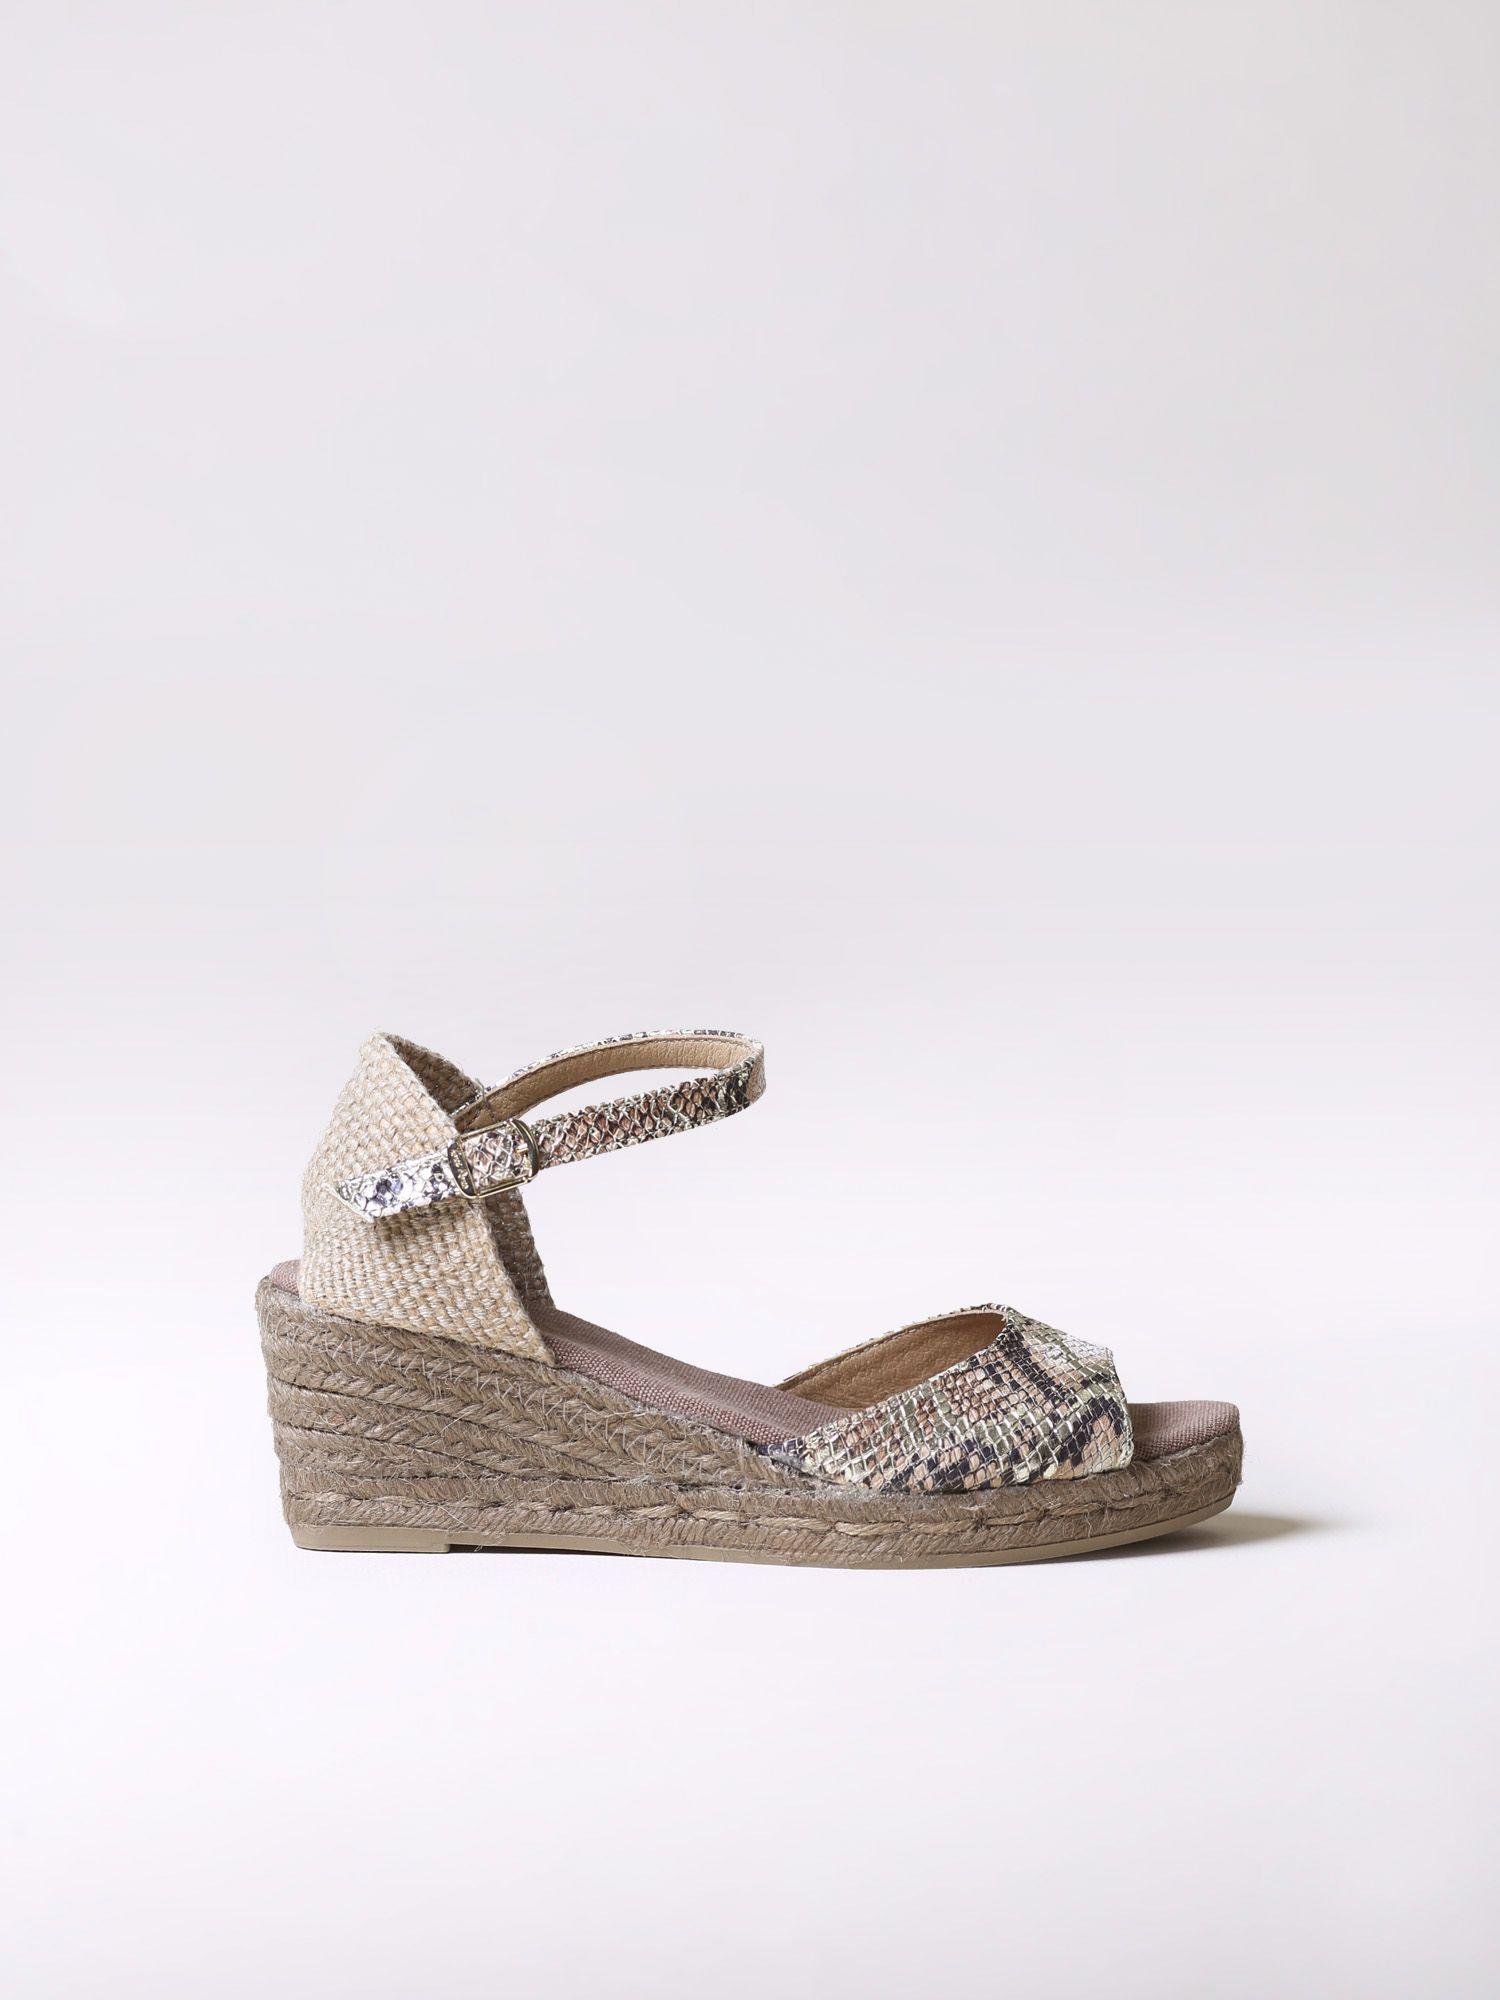 Mid heel sandals - LLIVIA-MK